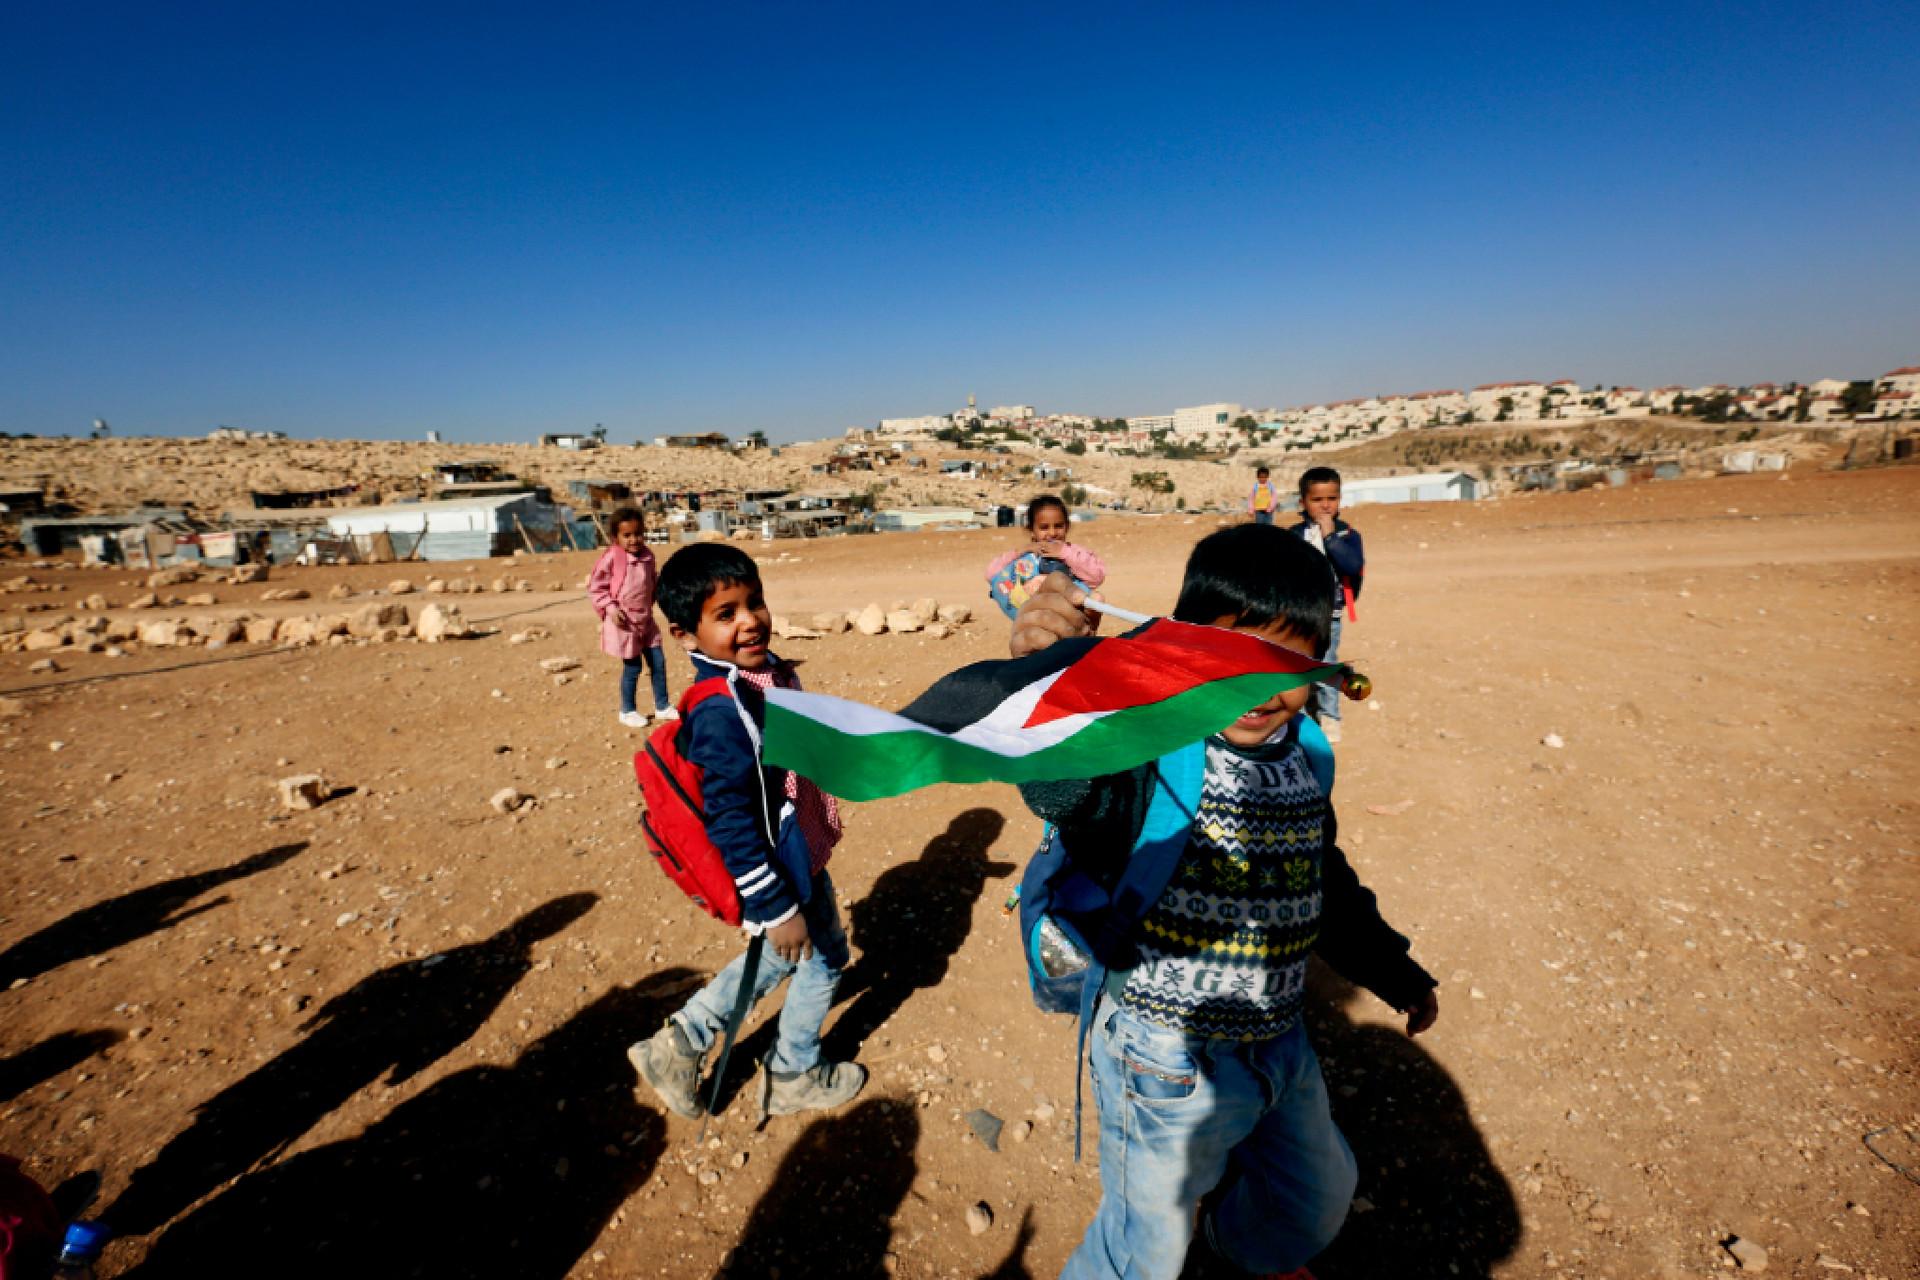 Bedouin schoolchildren run with a Palestinian flag after attending school near their home.